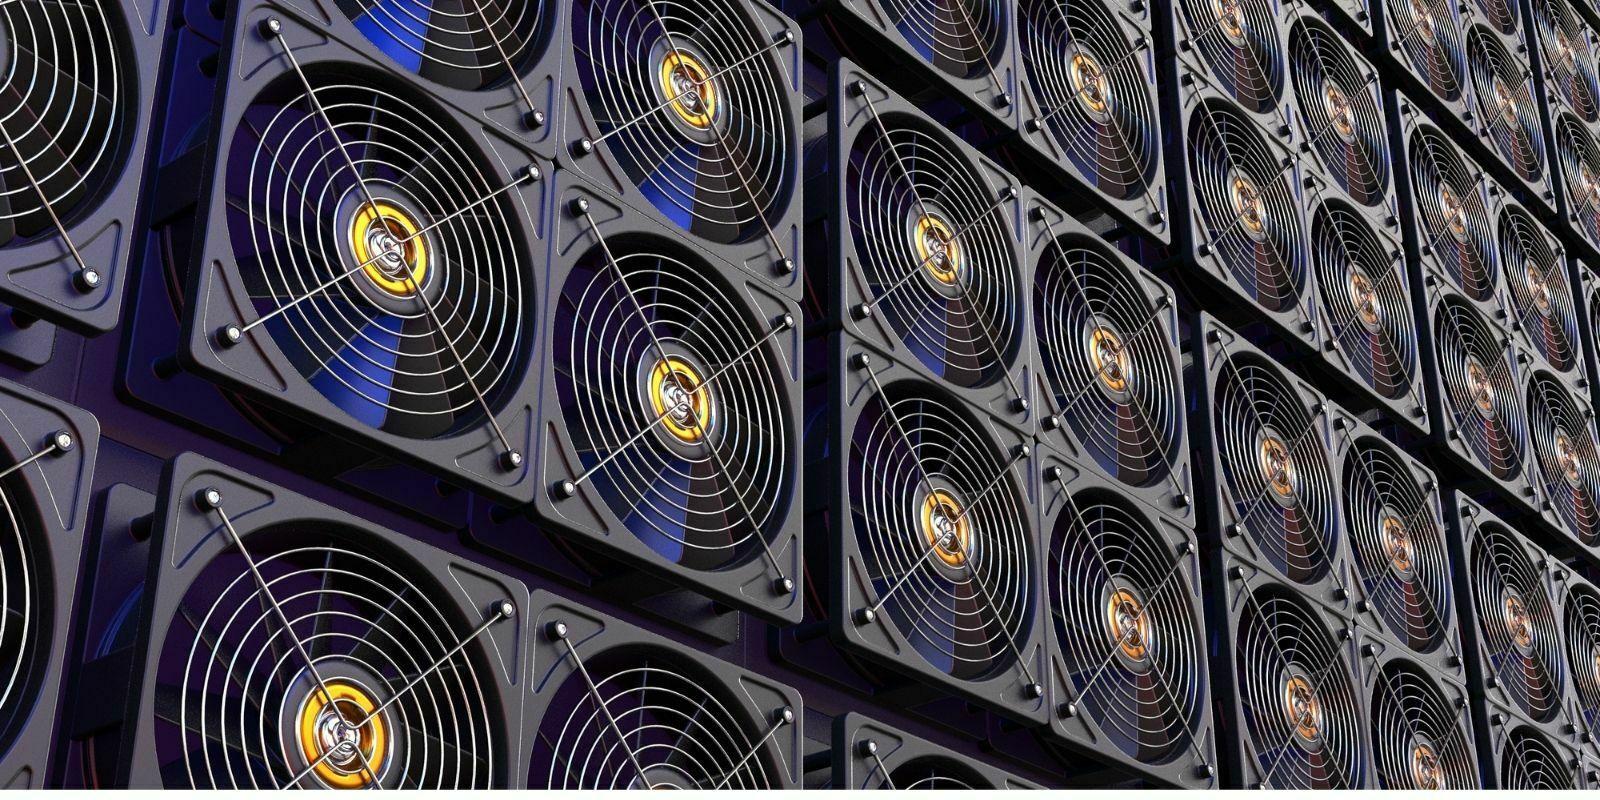 Une mystérieuse entité installe 20000 mineurs Bitcoin (BTC) en Sibérie